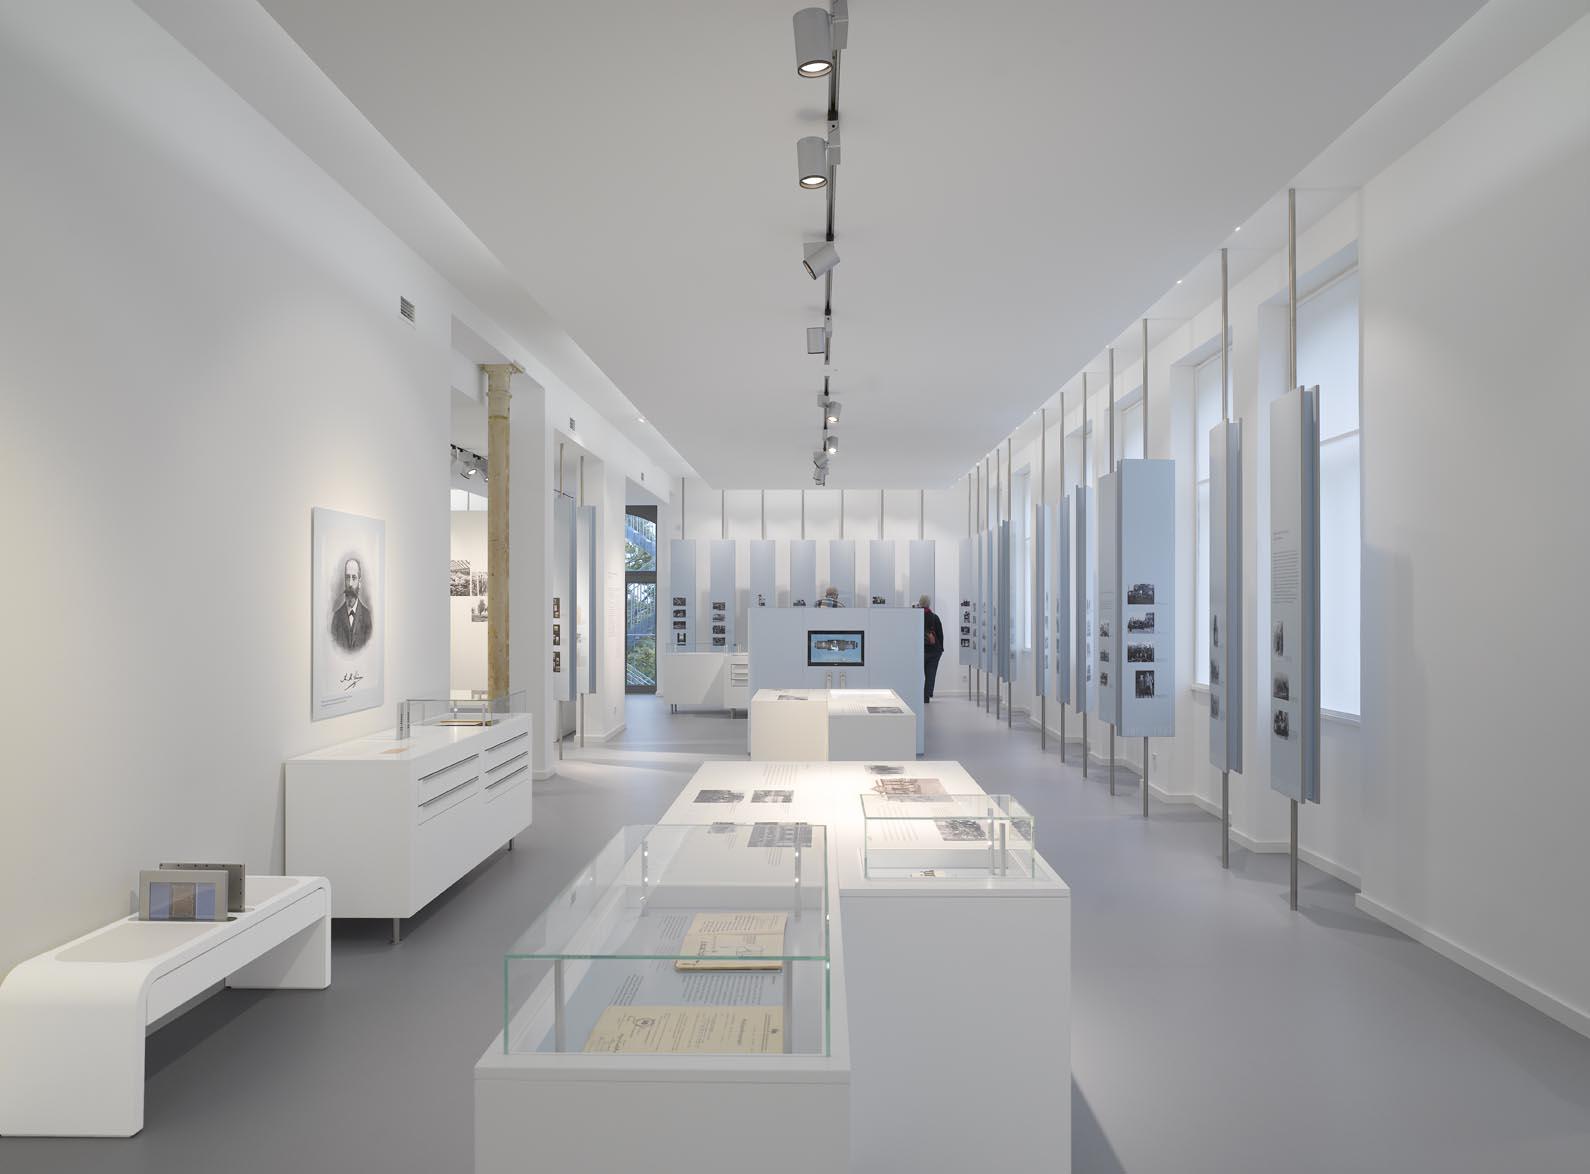 Die Ausstellung der Gedenkstätte Ahlem, 2014